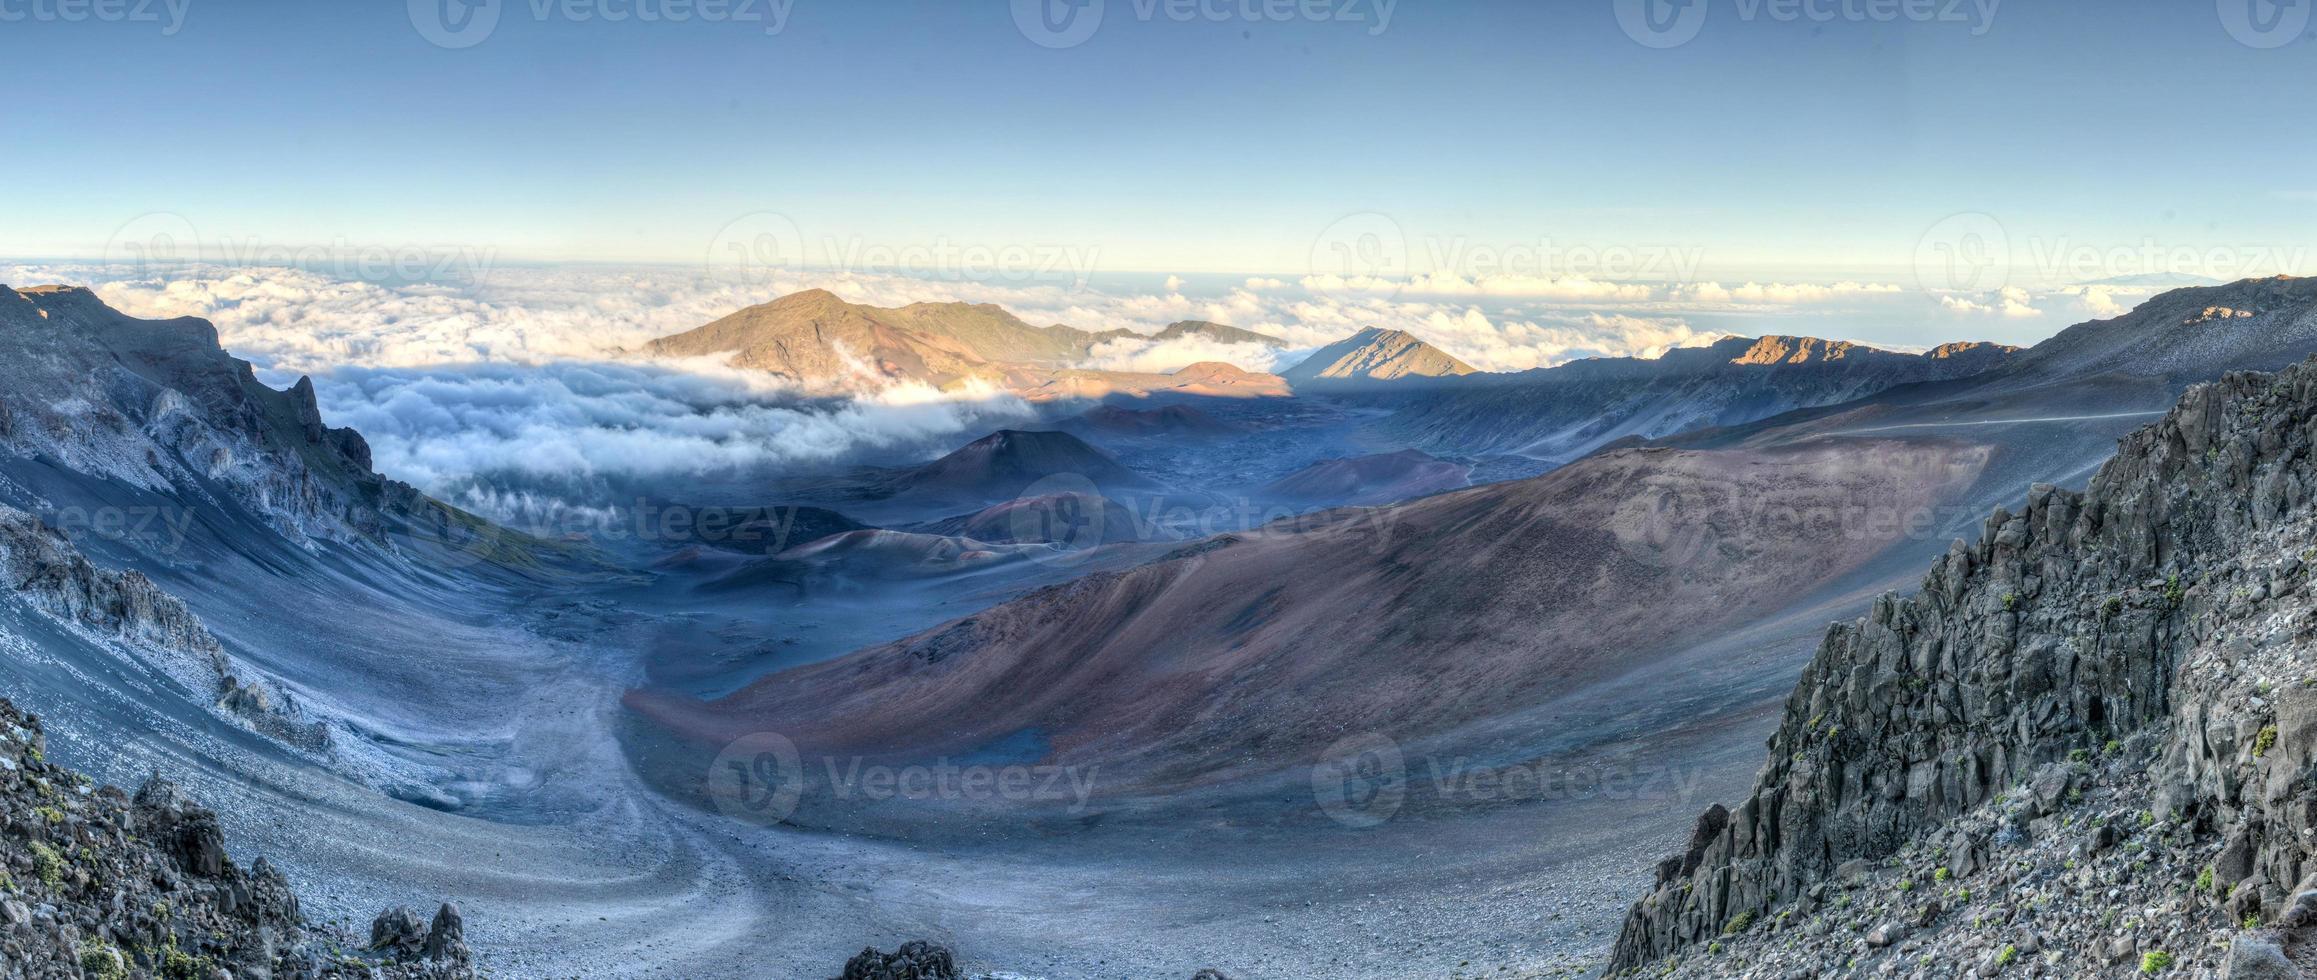 caldera av haleakala vulkan (maui, hawaii) foto